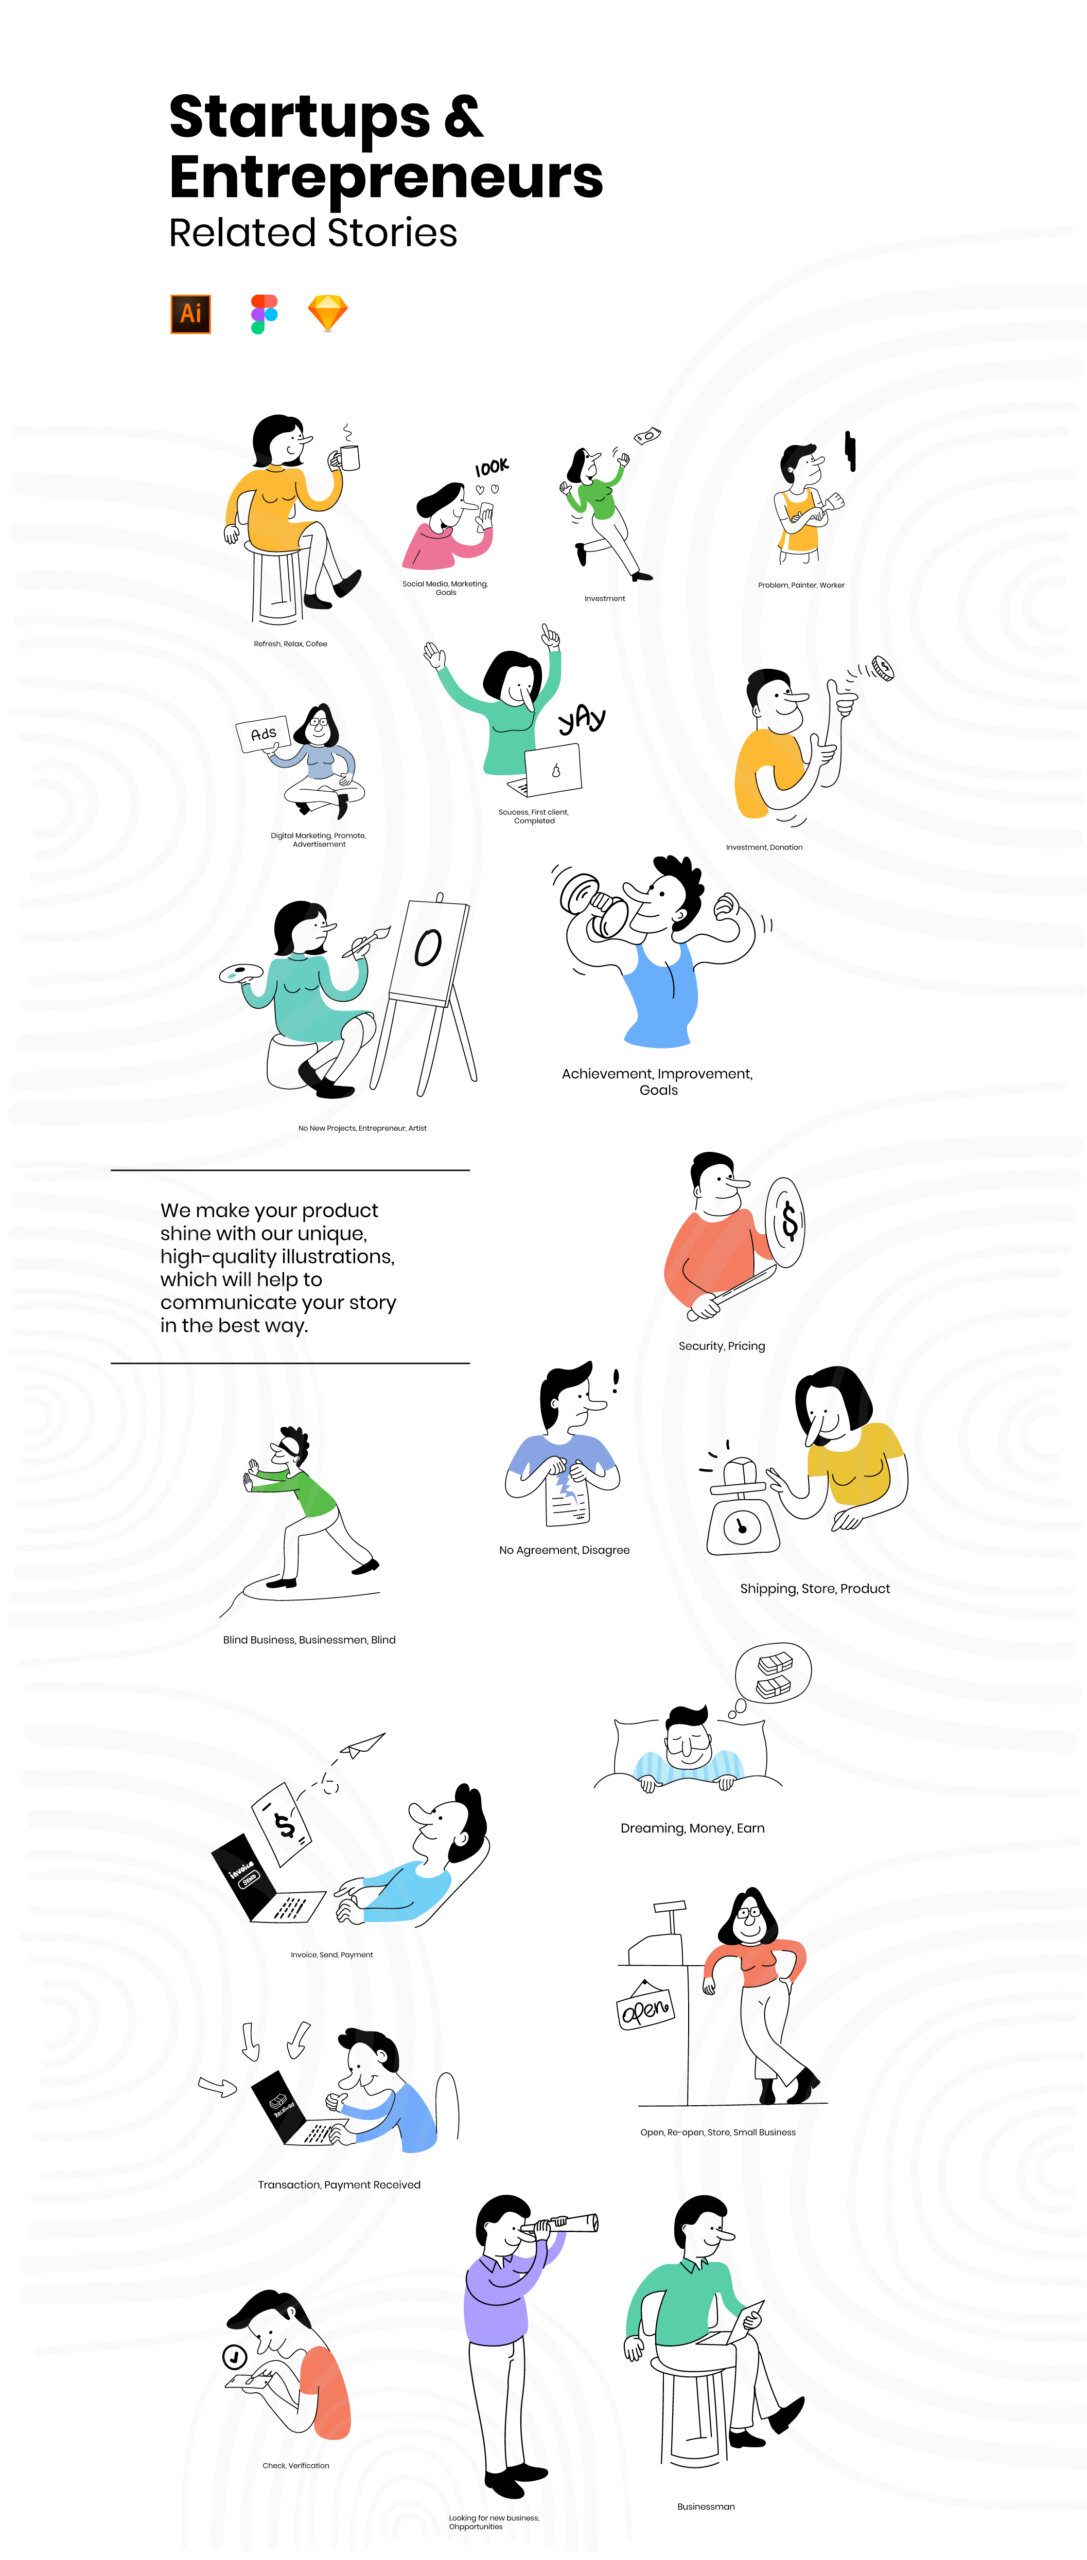 初创企业和企业家矢量场景插图素材插图(1)